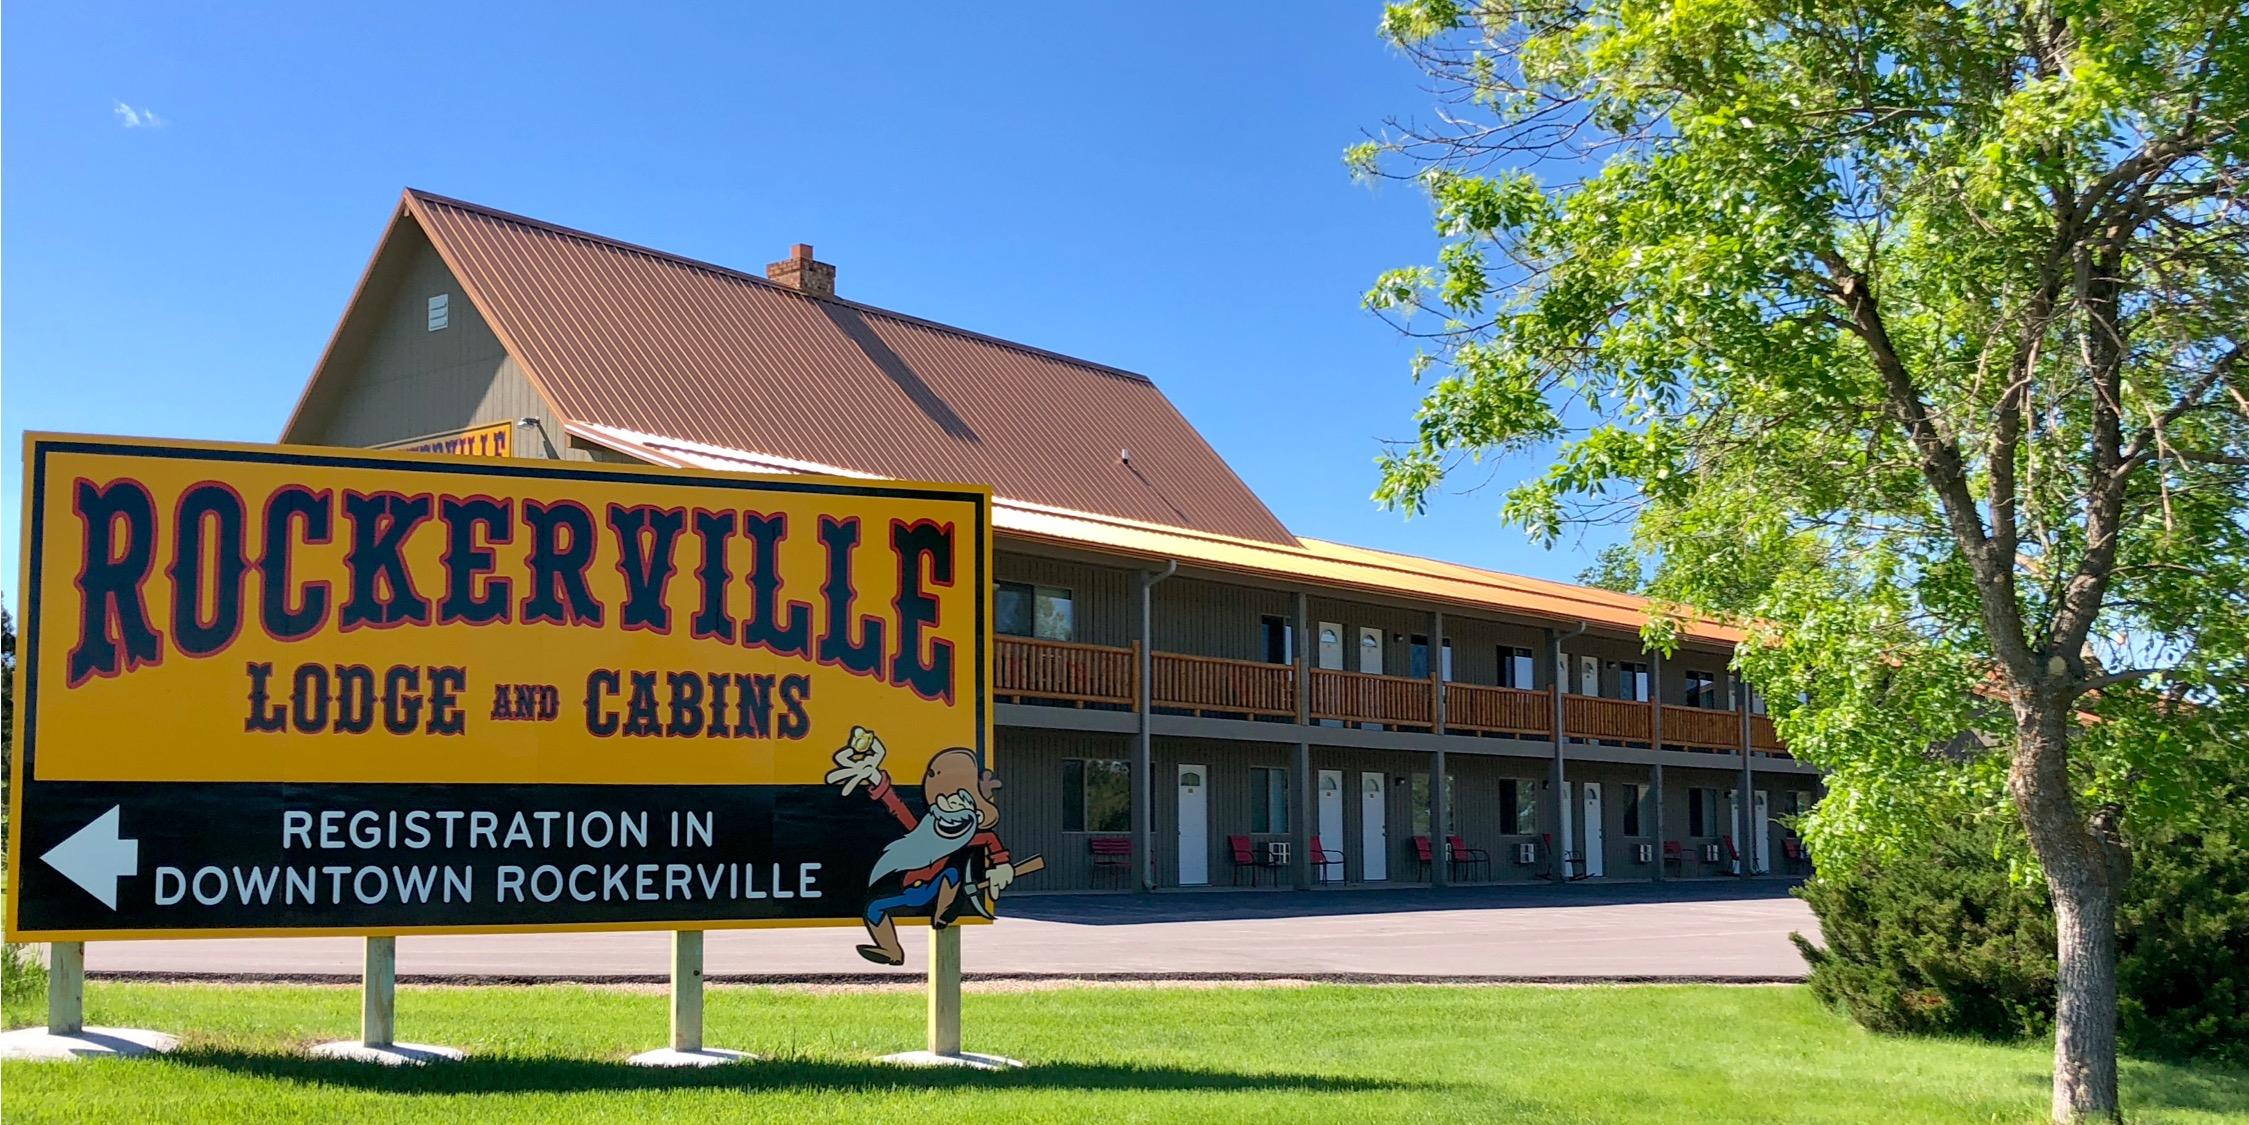 Rockerville sd